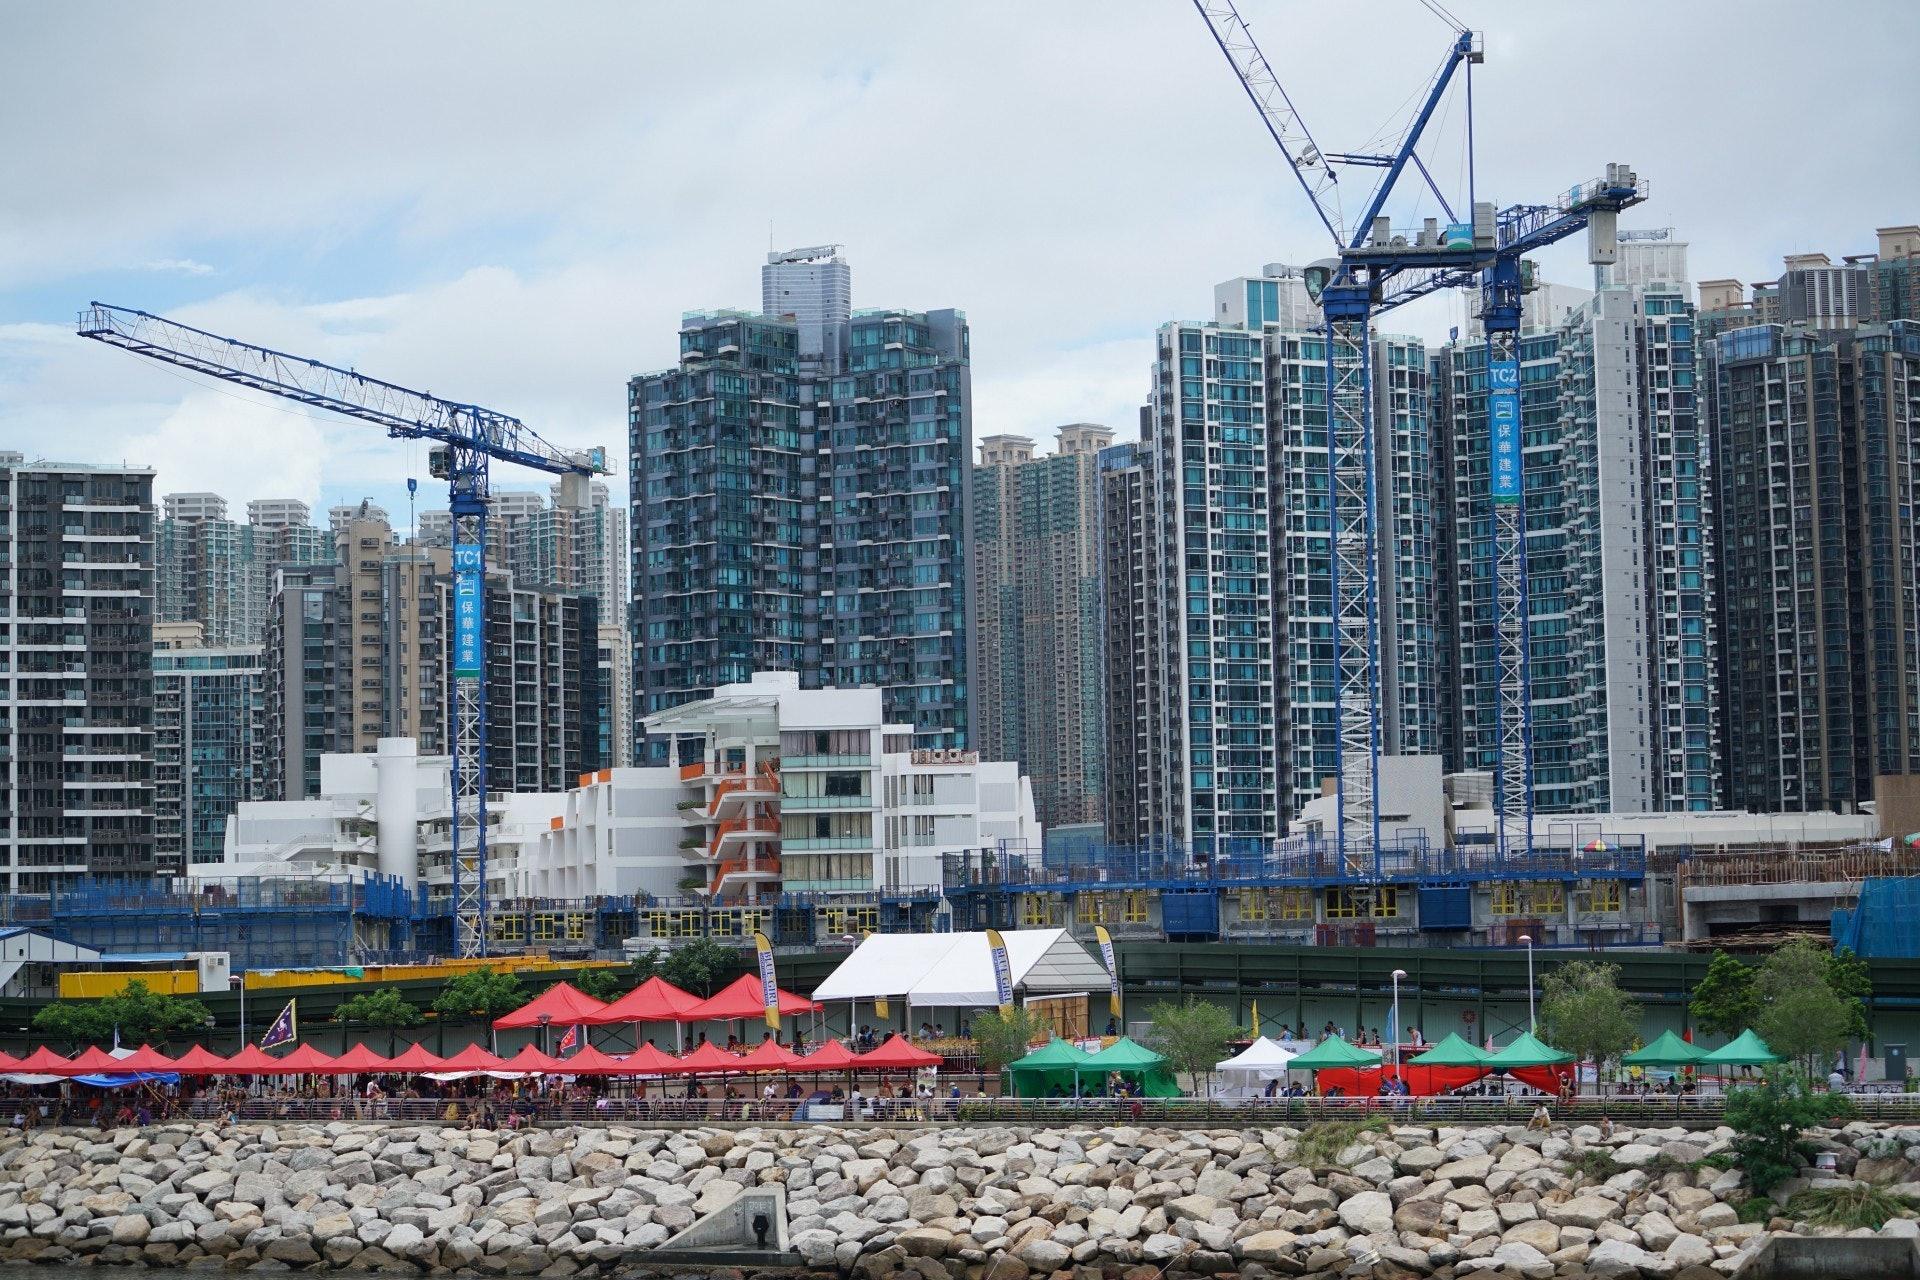 房委會將軍澳臨海居屋剛開始興建,目前只建了低層單位,房委會提出命名為「雍明苑」。